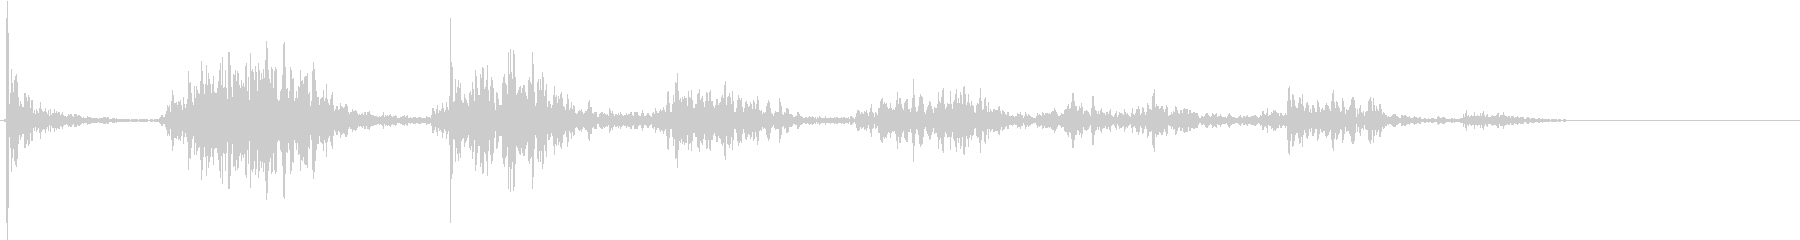 【生録音】ペンで書く音 机 7の未再生の波形